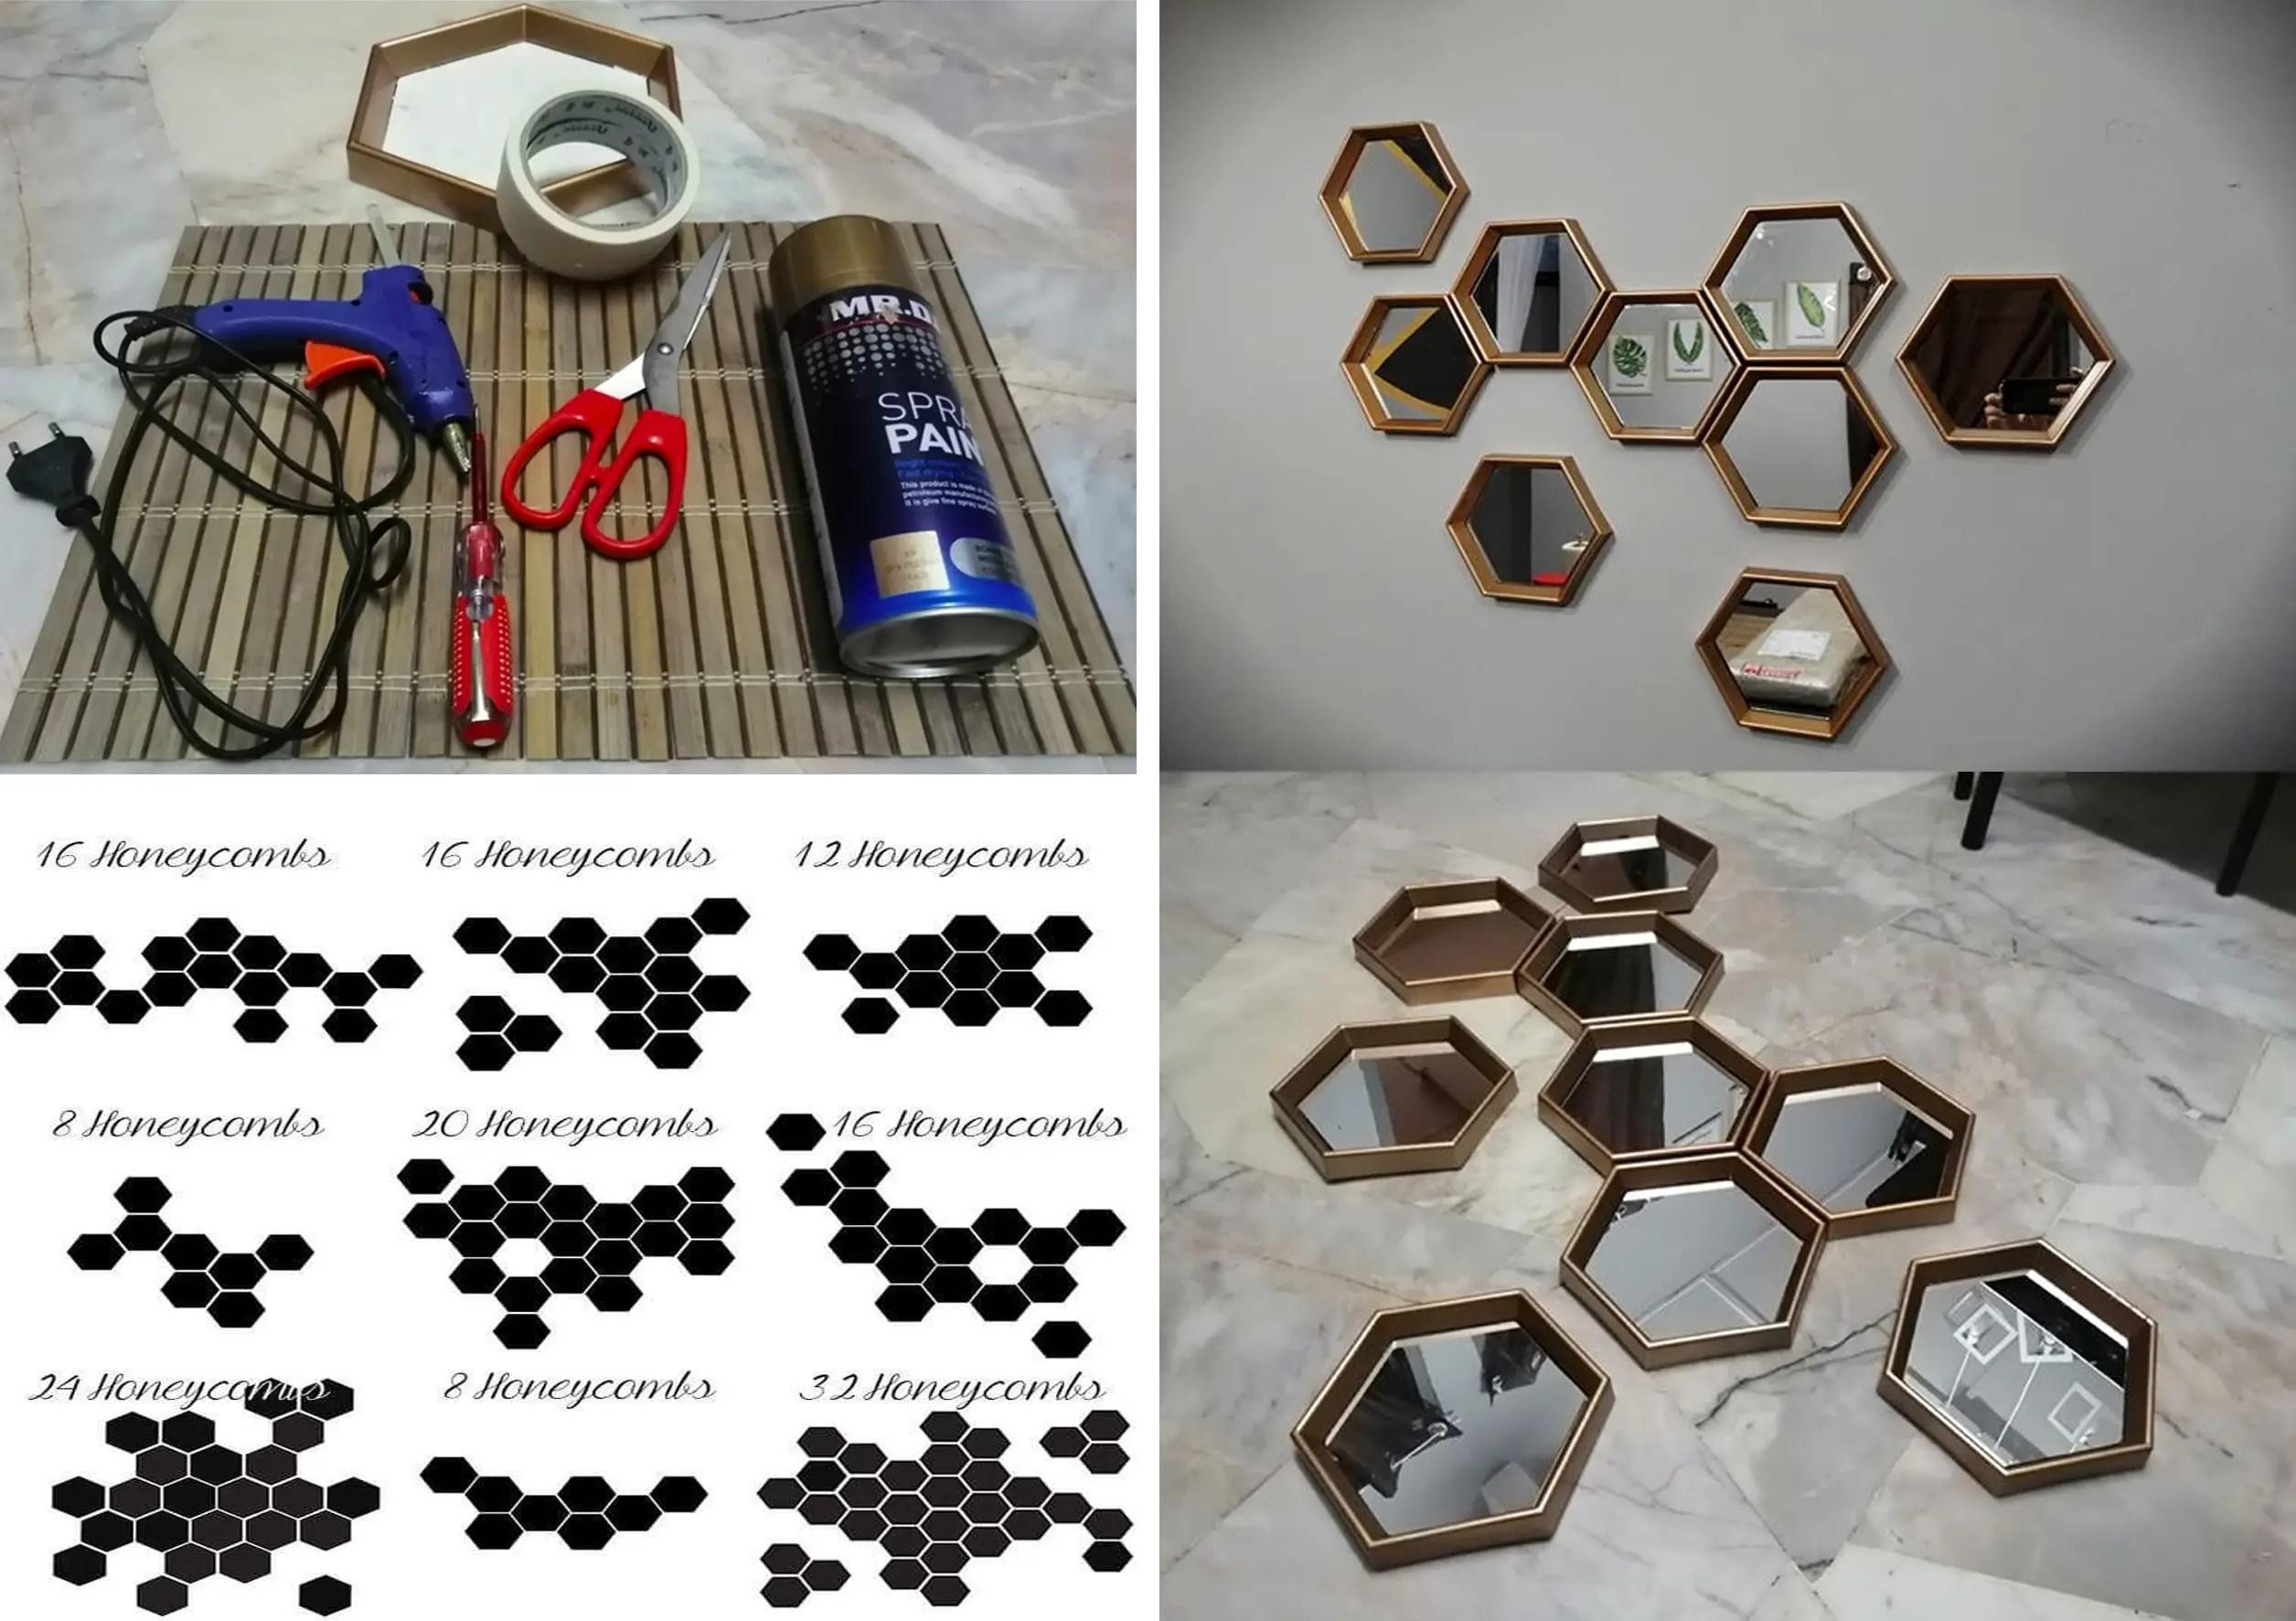 Cermin Hexagon Viral